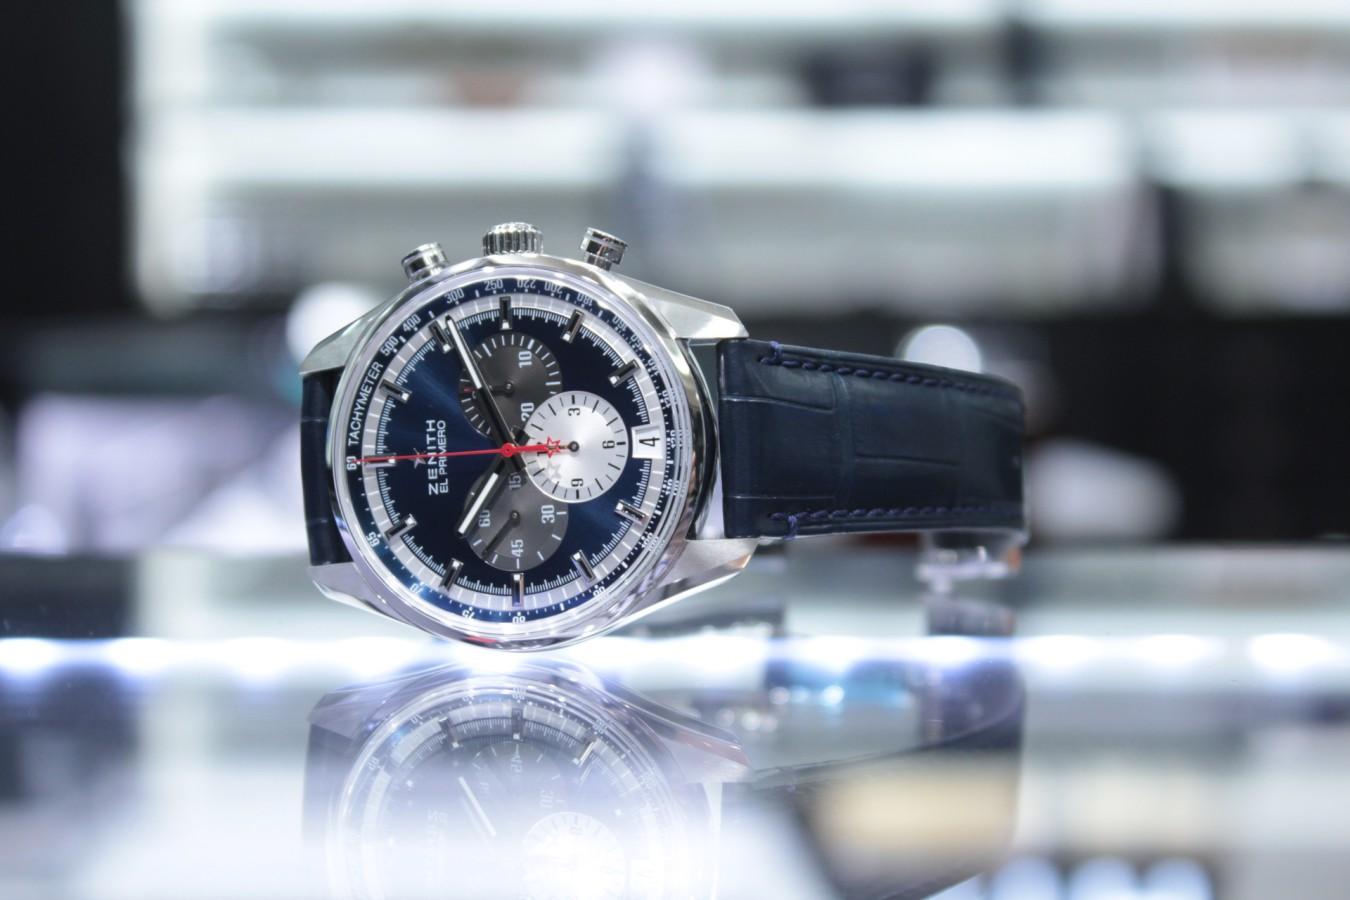 IMG_6266 ブルーダイヤルとマルチカラーが織りなす美しいコントラスト【エル・プリメロ 42mm】 - CHRONOMASTER